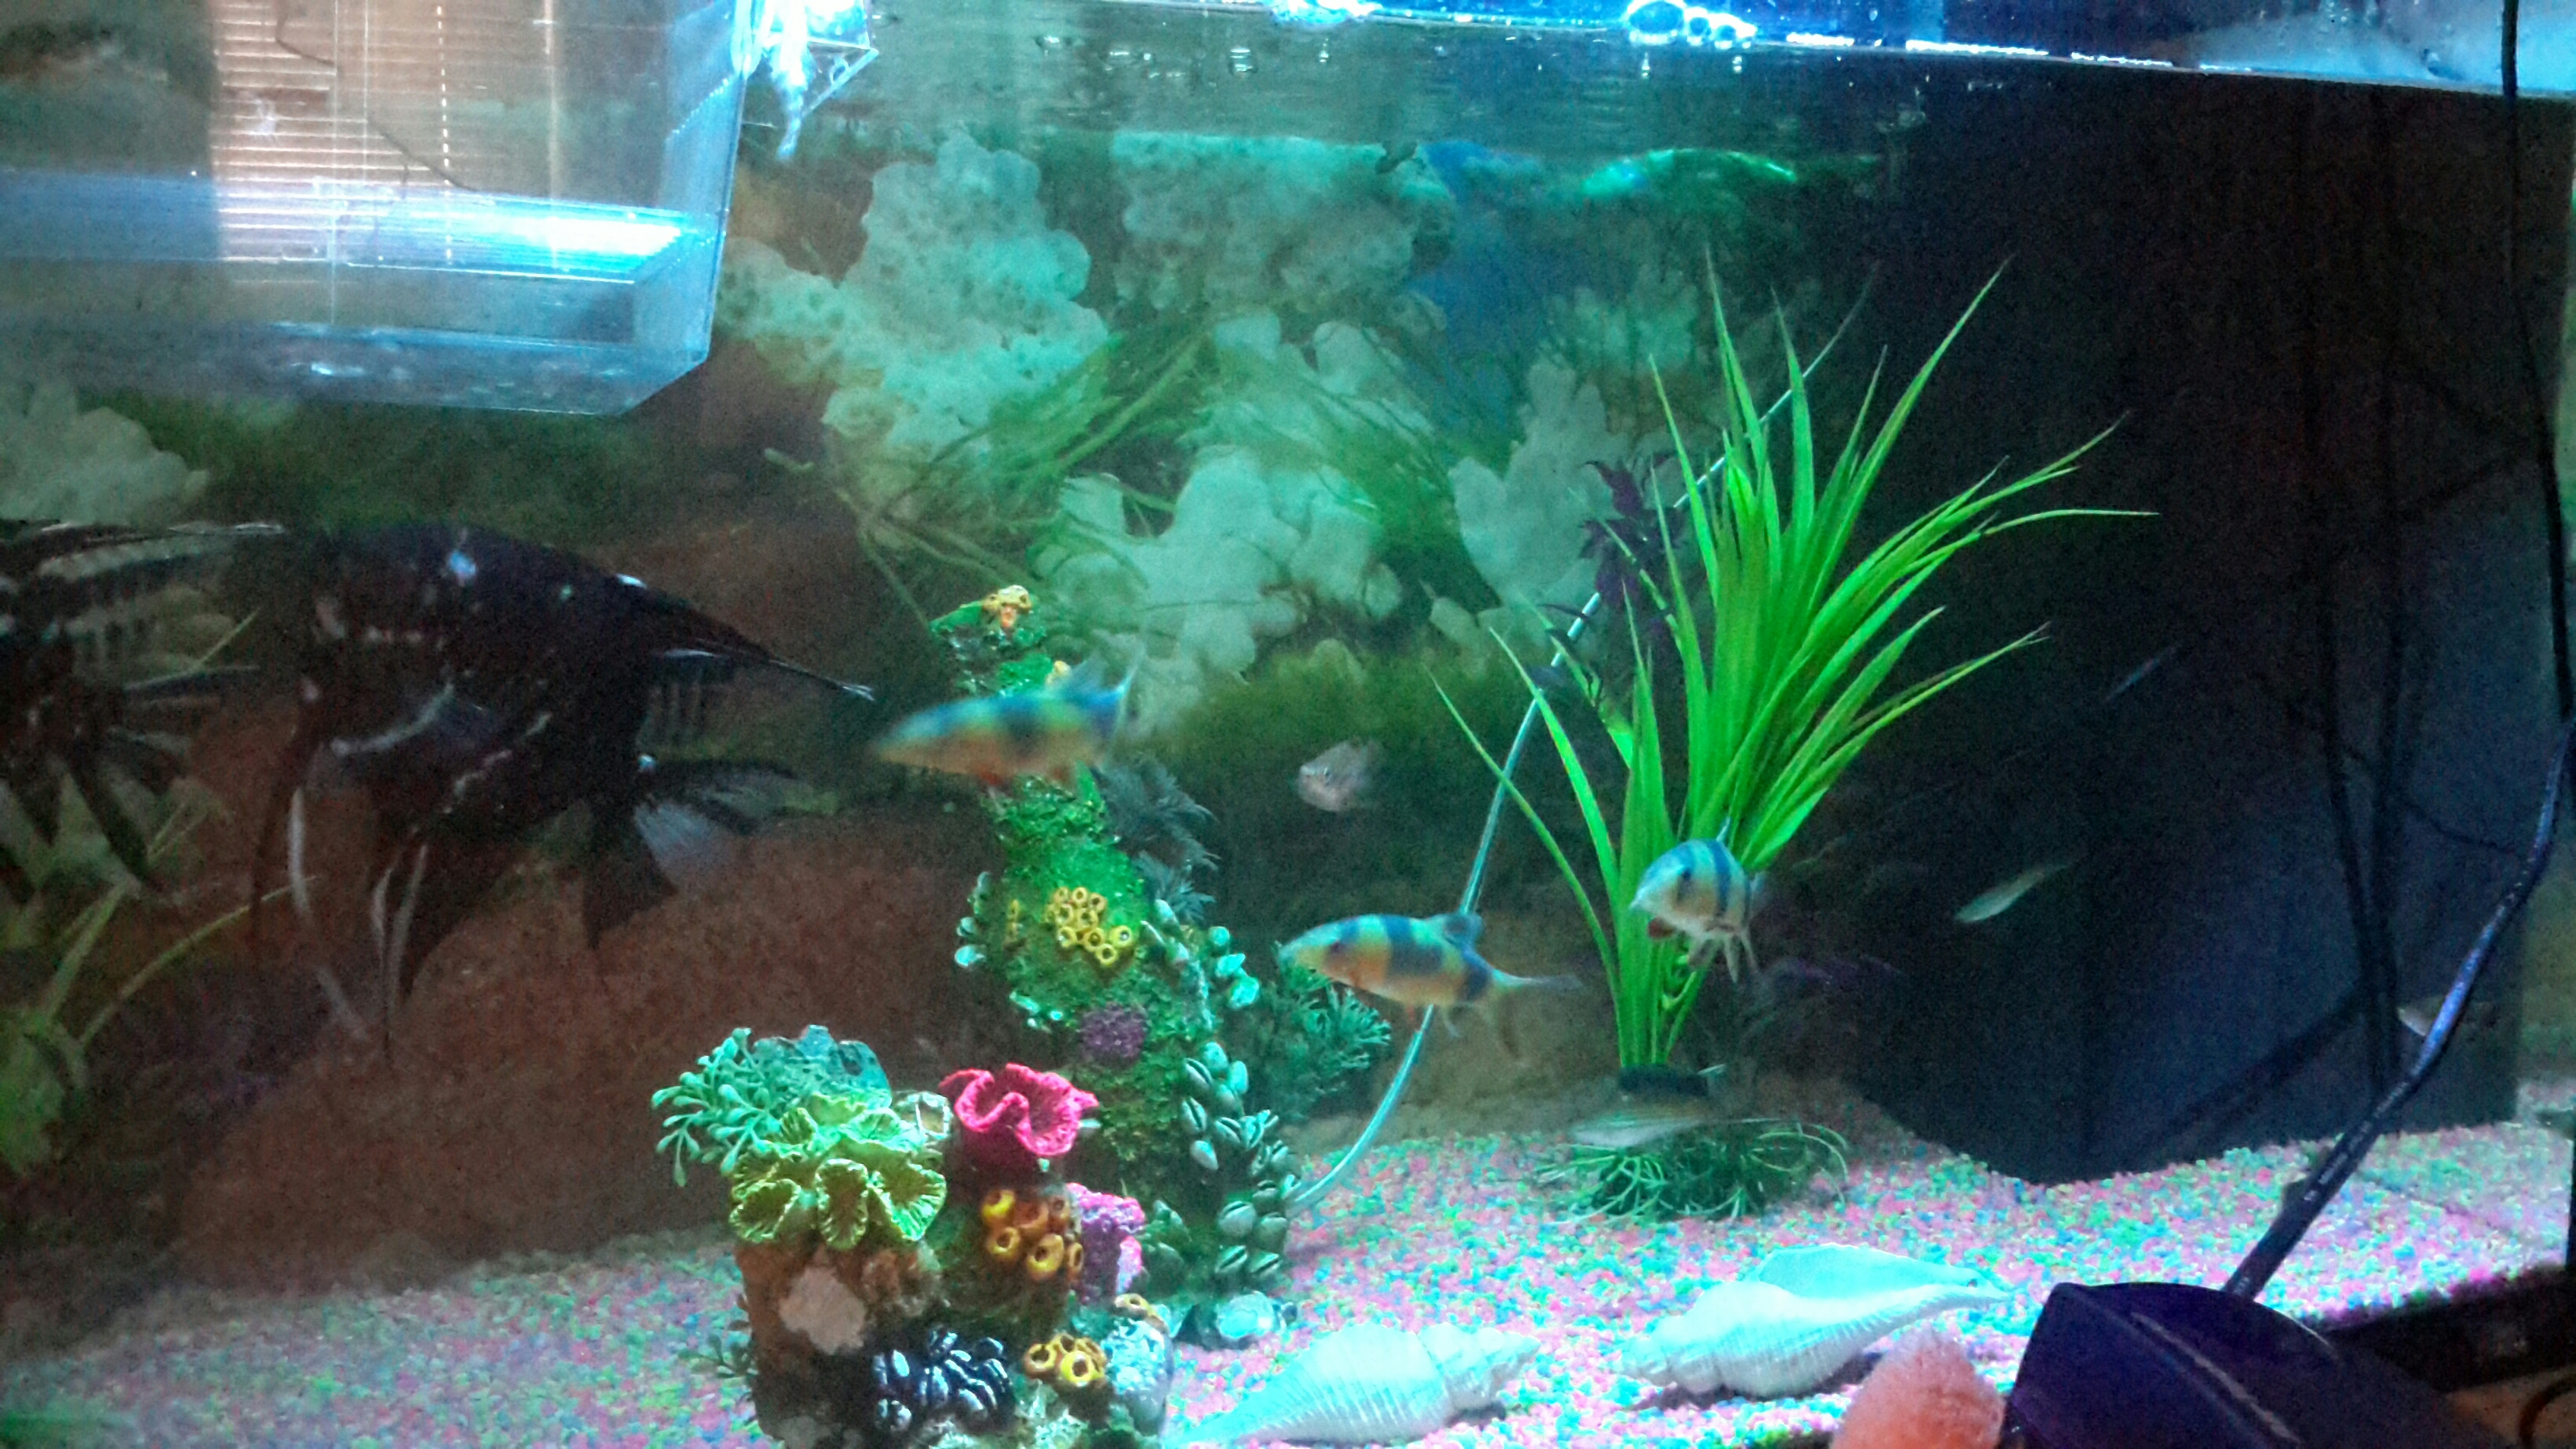 сайте можно дохнут рыбы в аквариуме дача живописном месте!соседи